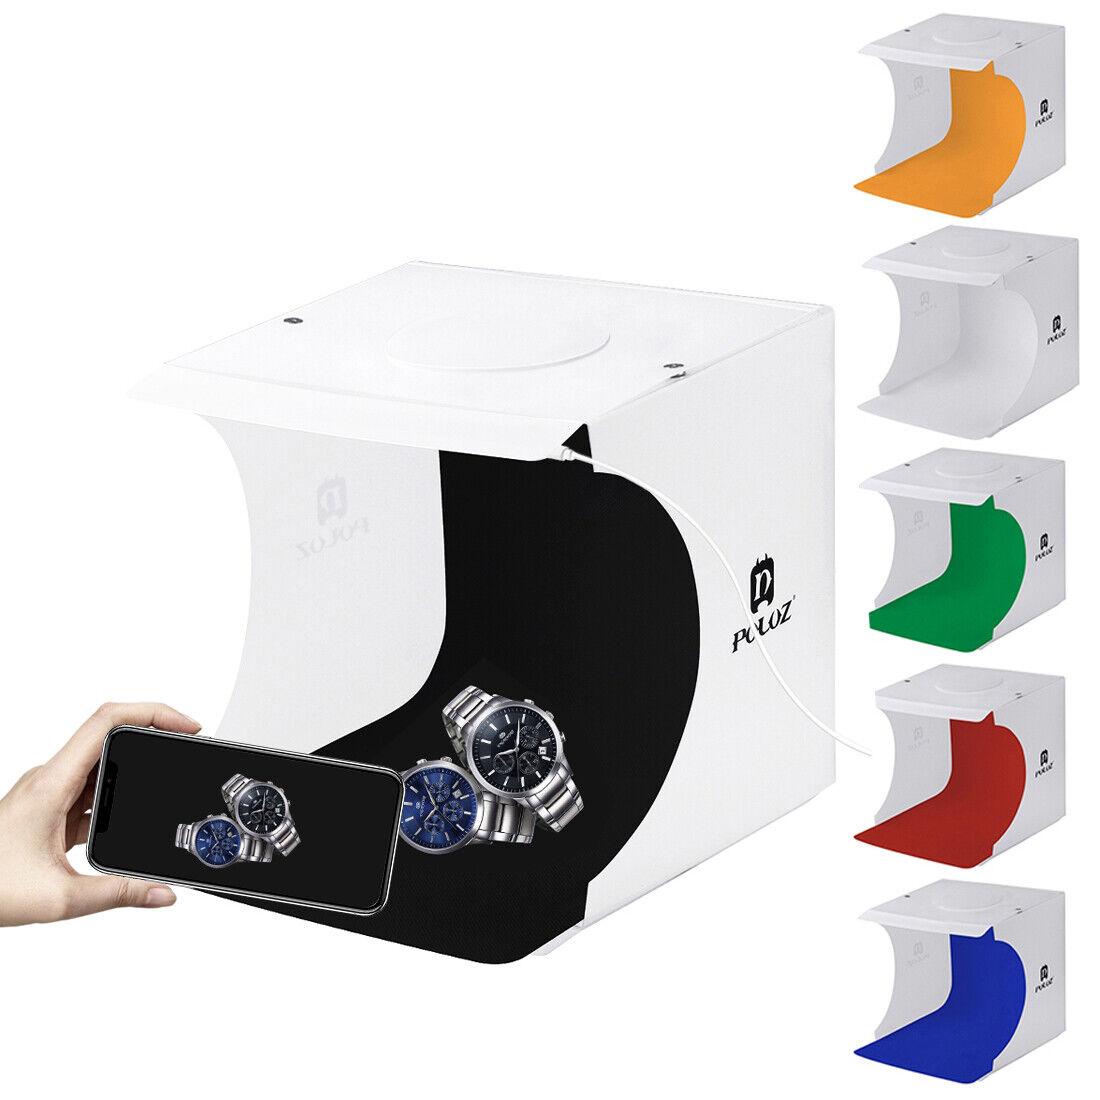 LED Light Room Photo Studio Photography Lighting Tent Kit Backdrop Cube Mini Box 6